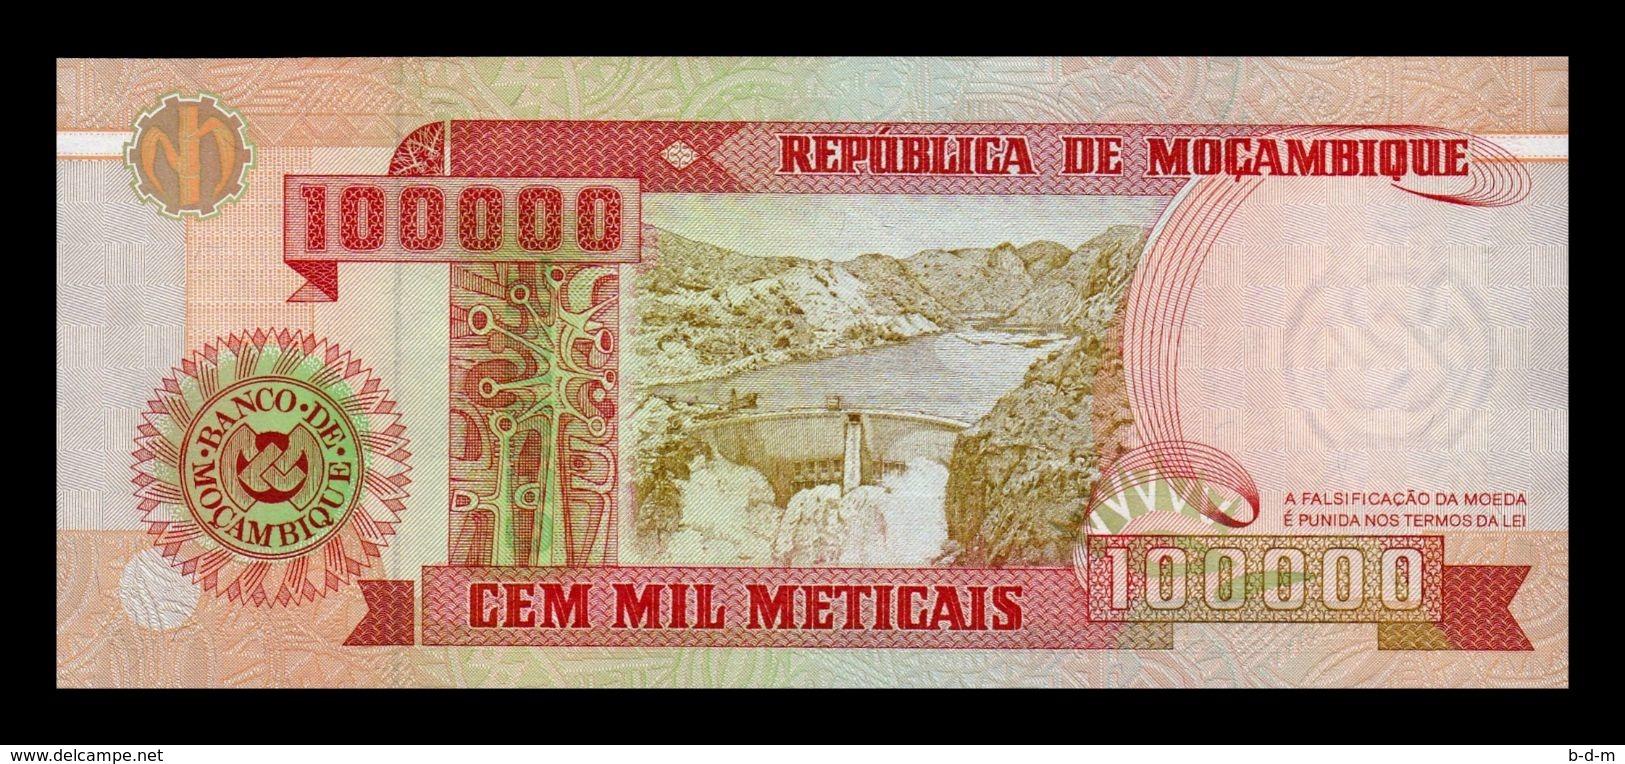 Mozambique 100000 Meticais 1993 Pick 139 SC UNC - Mozambique